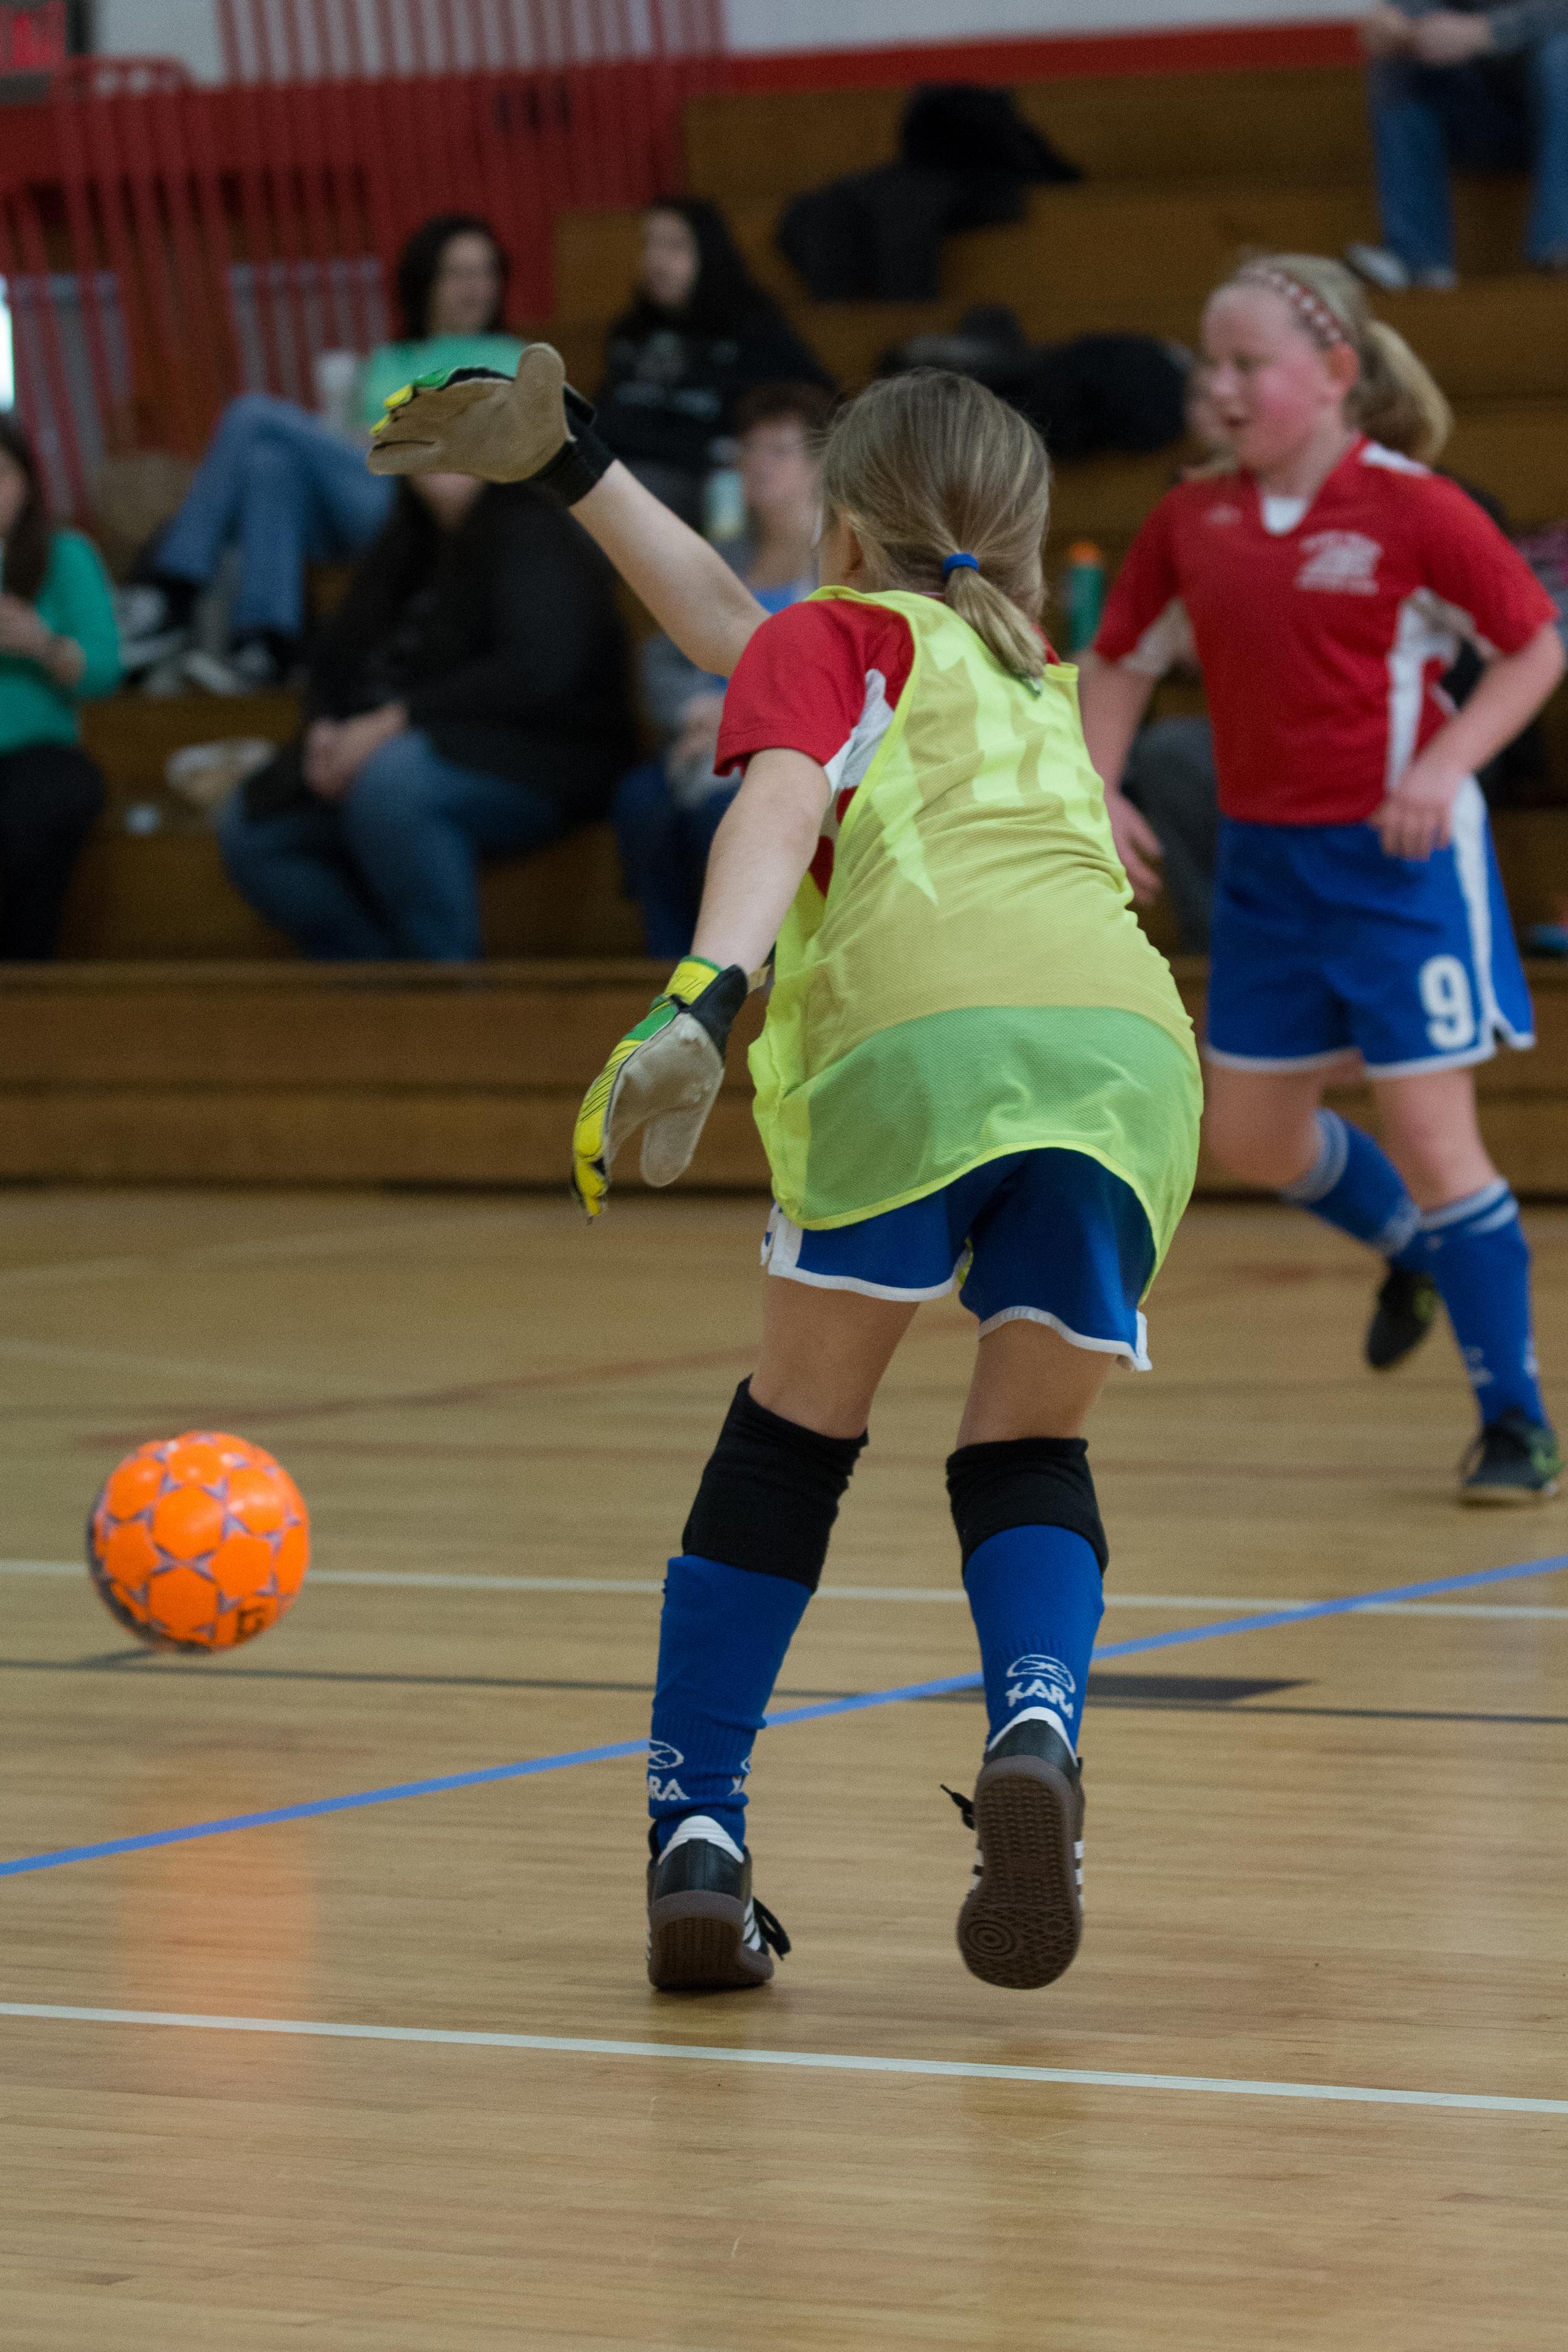 soccer (26 of 152).jpg